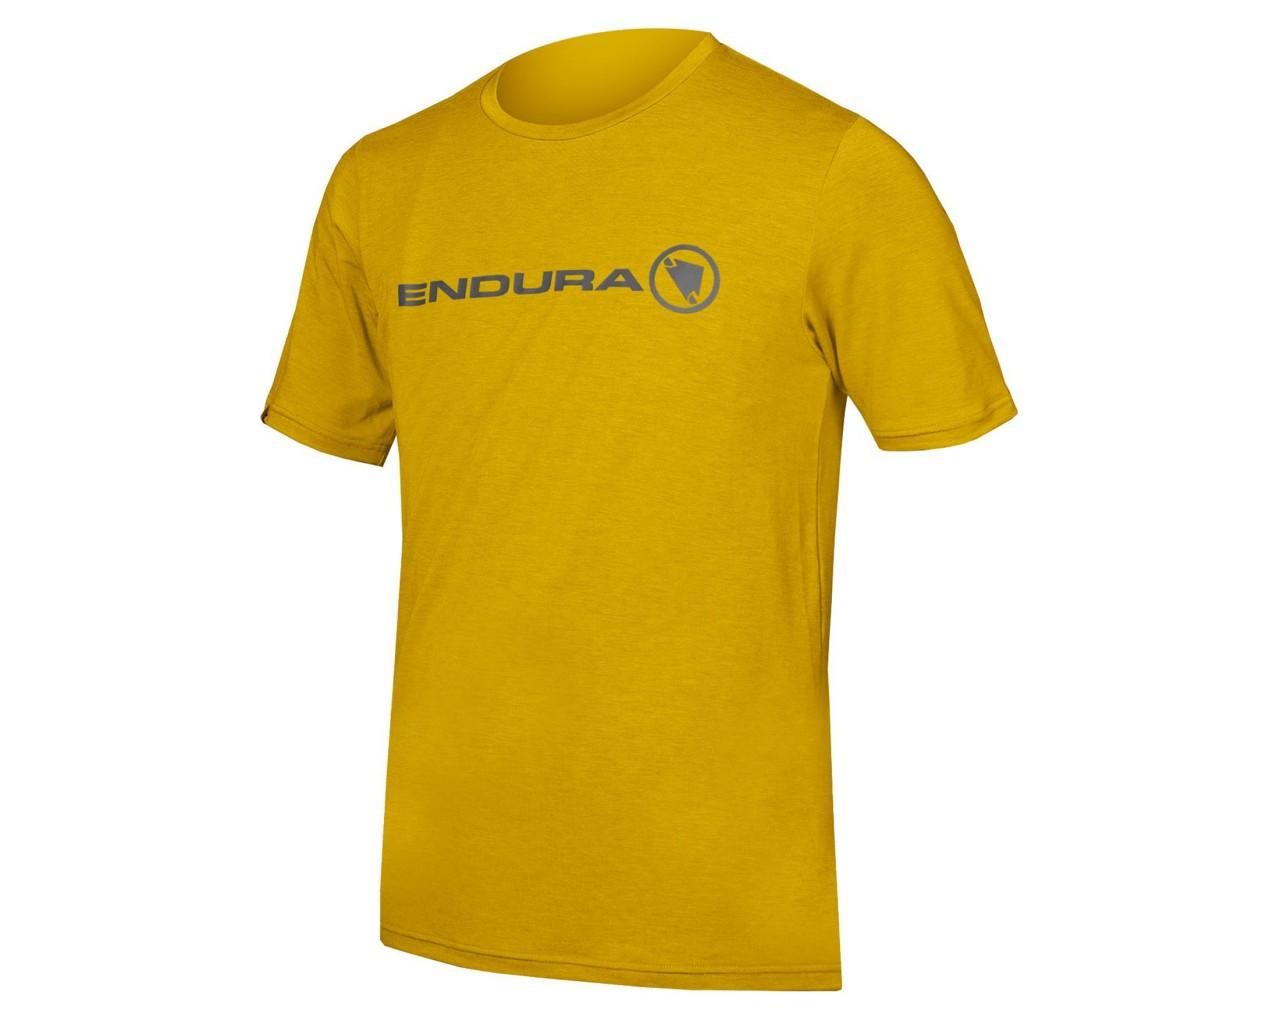 Endura SingleTrack Merino T-shirt | mustard